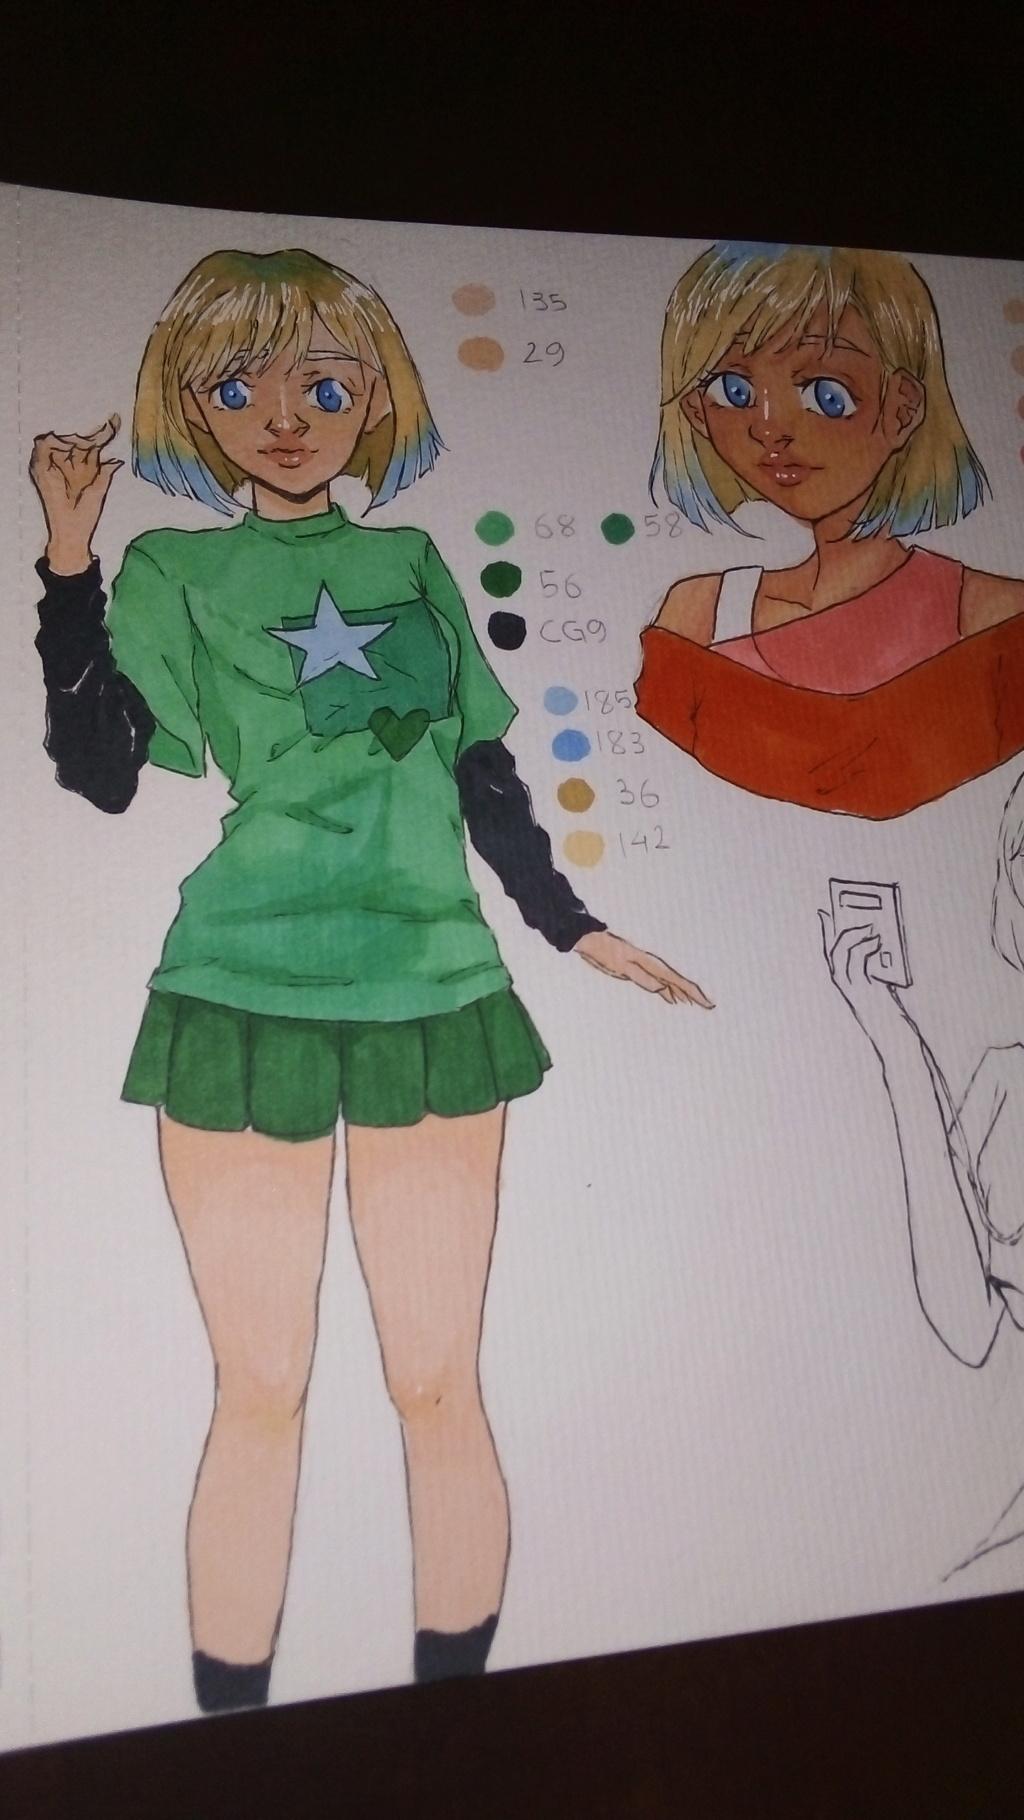 Alcuni sketch o roba ho disegnato di recente  Img-2011